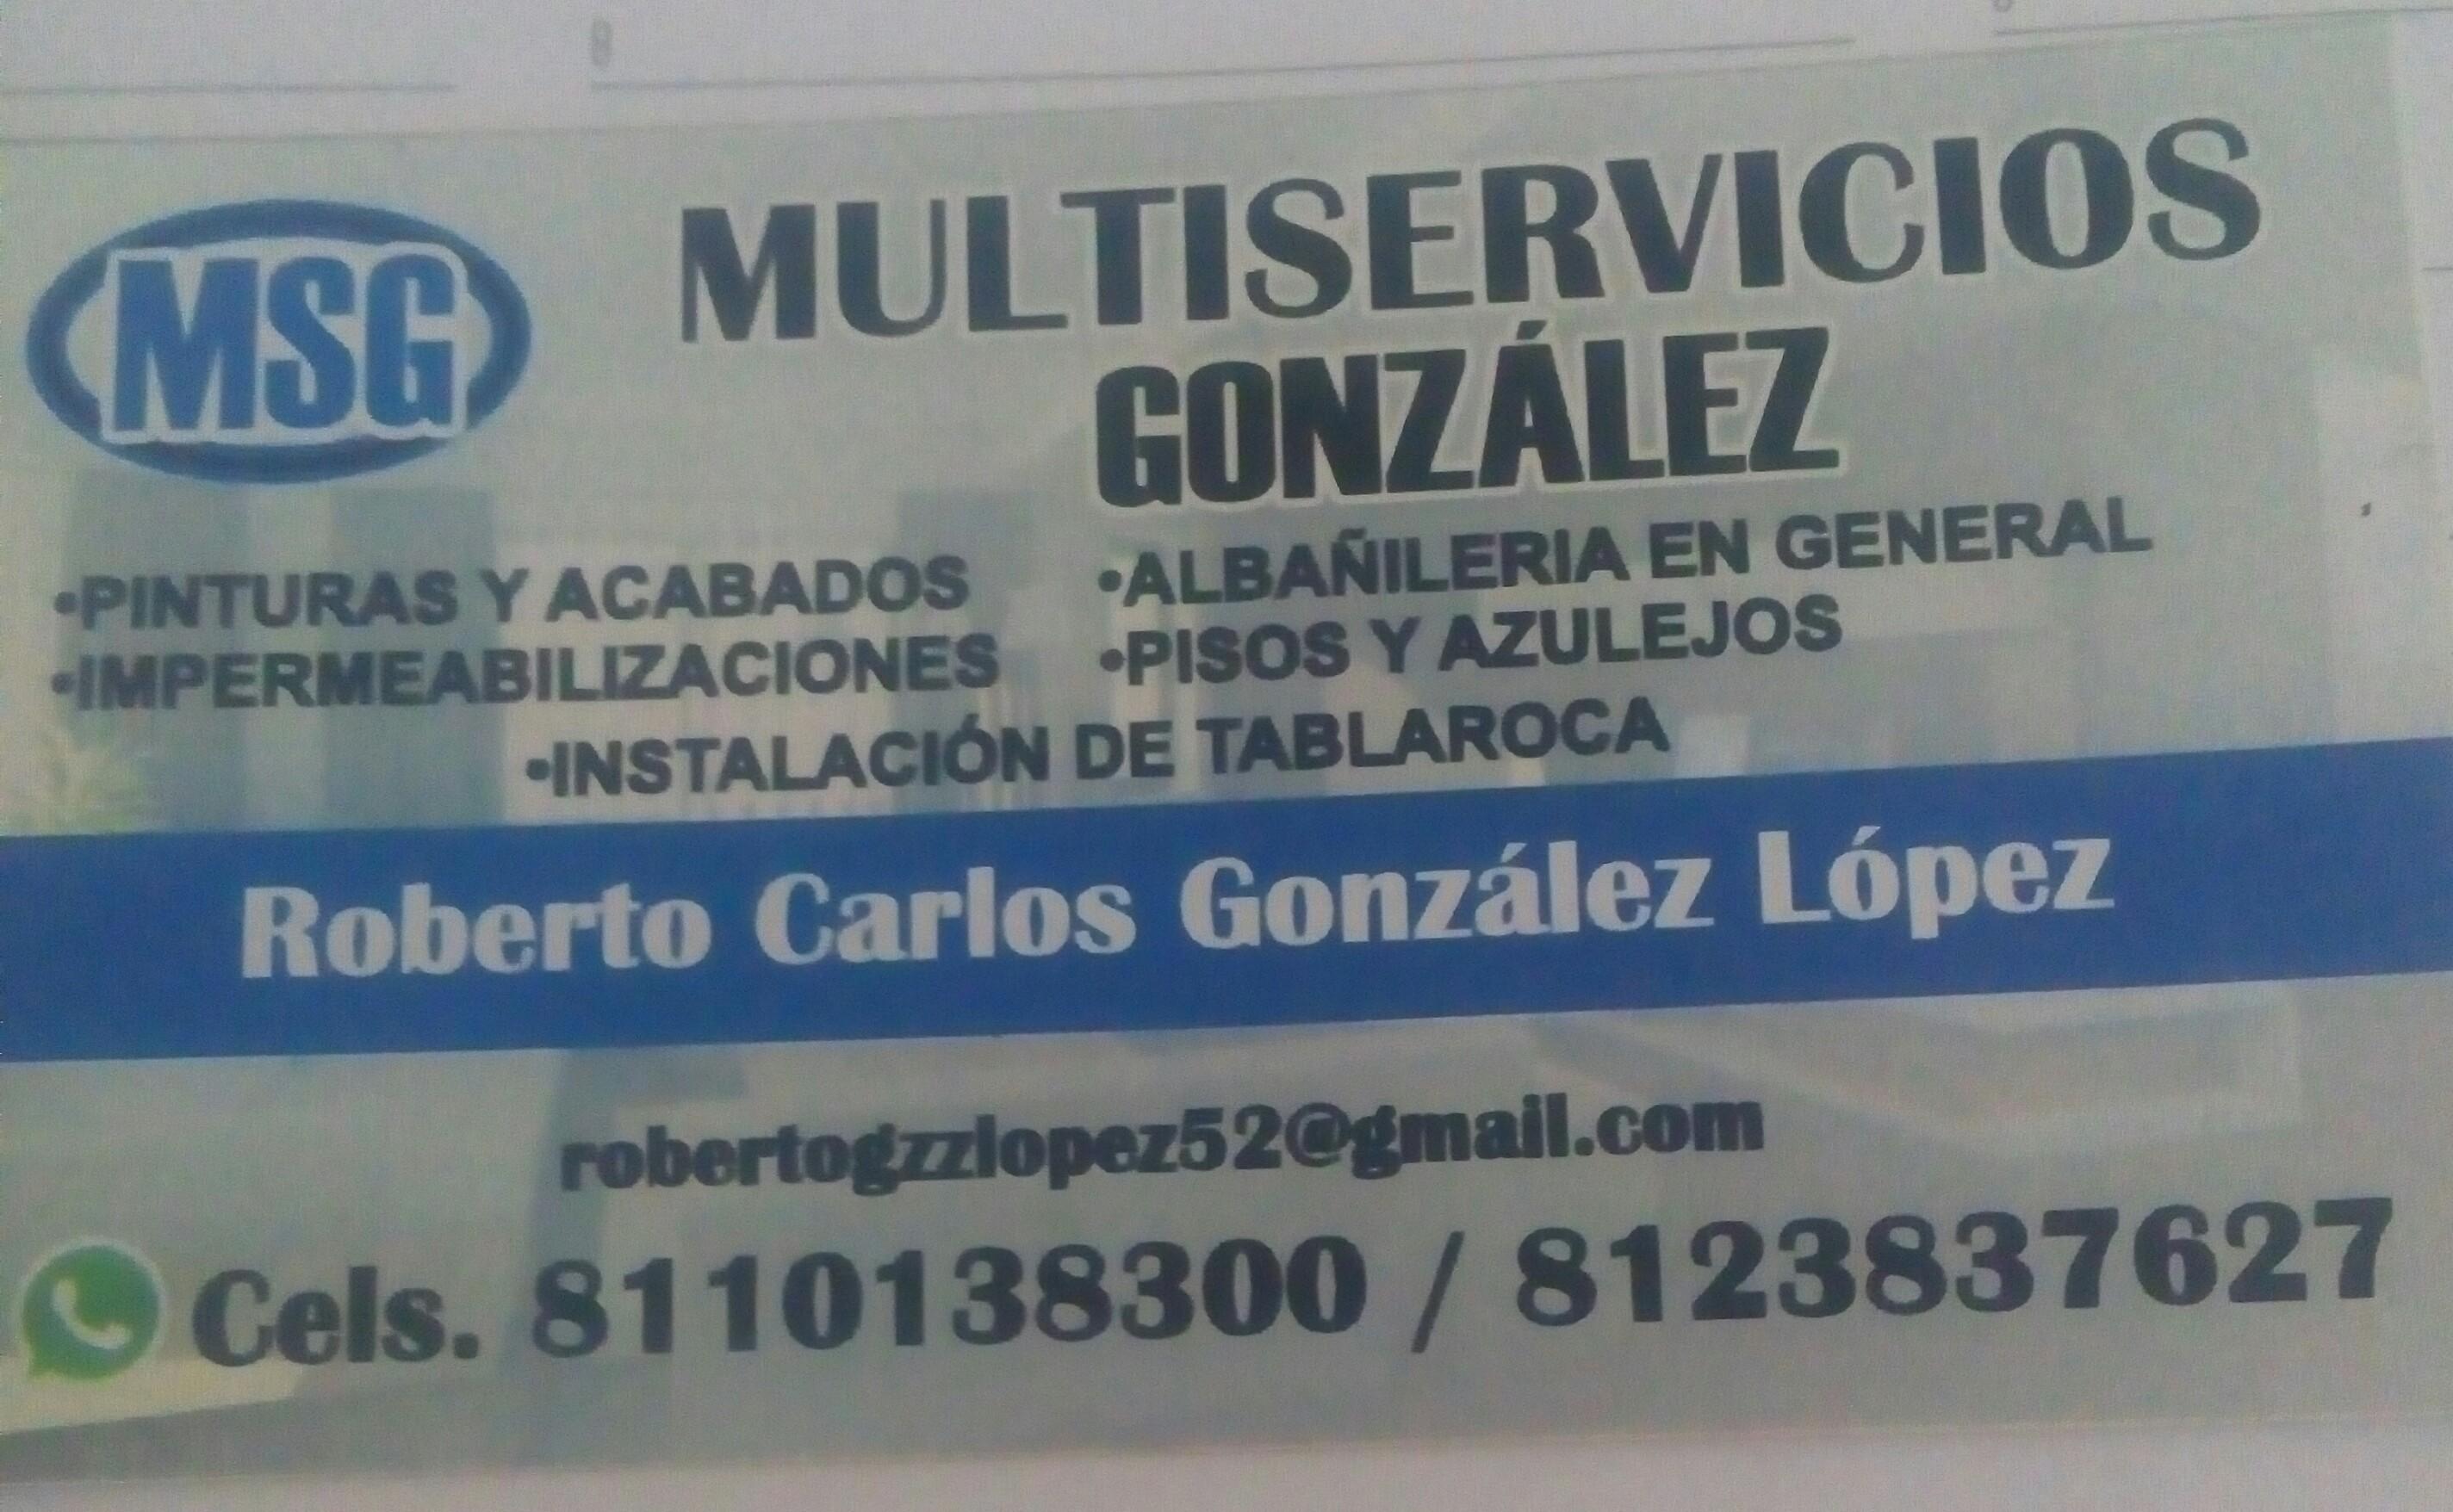 Roberto Gzz